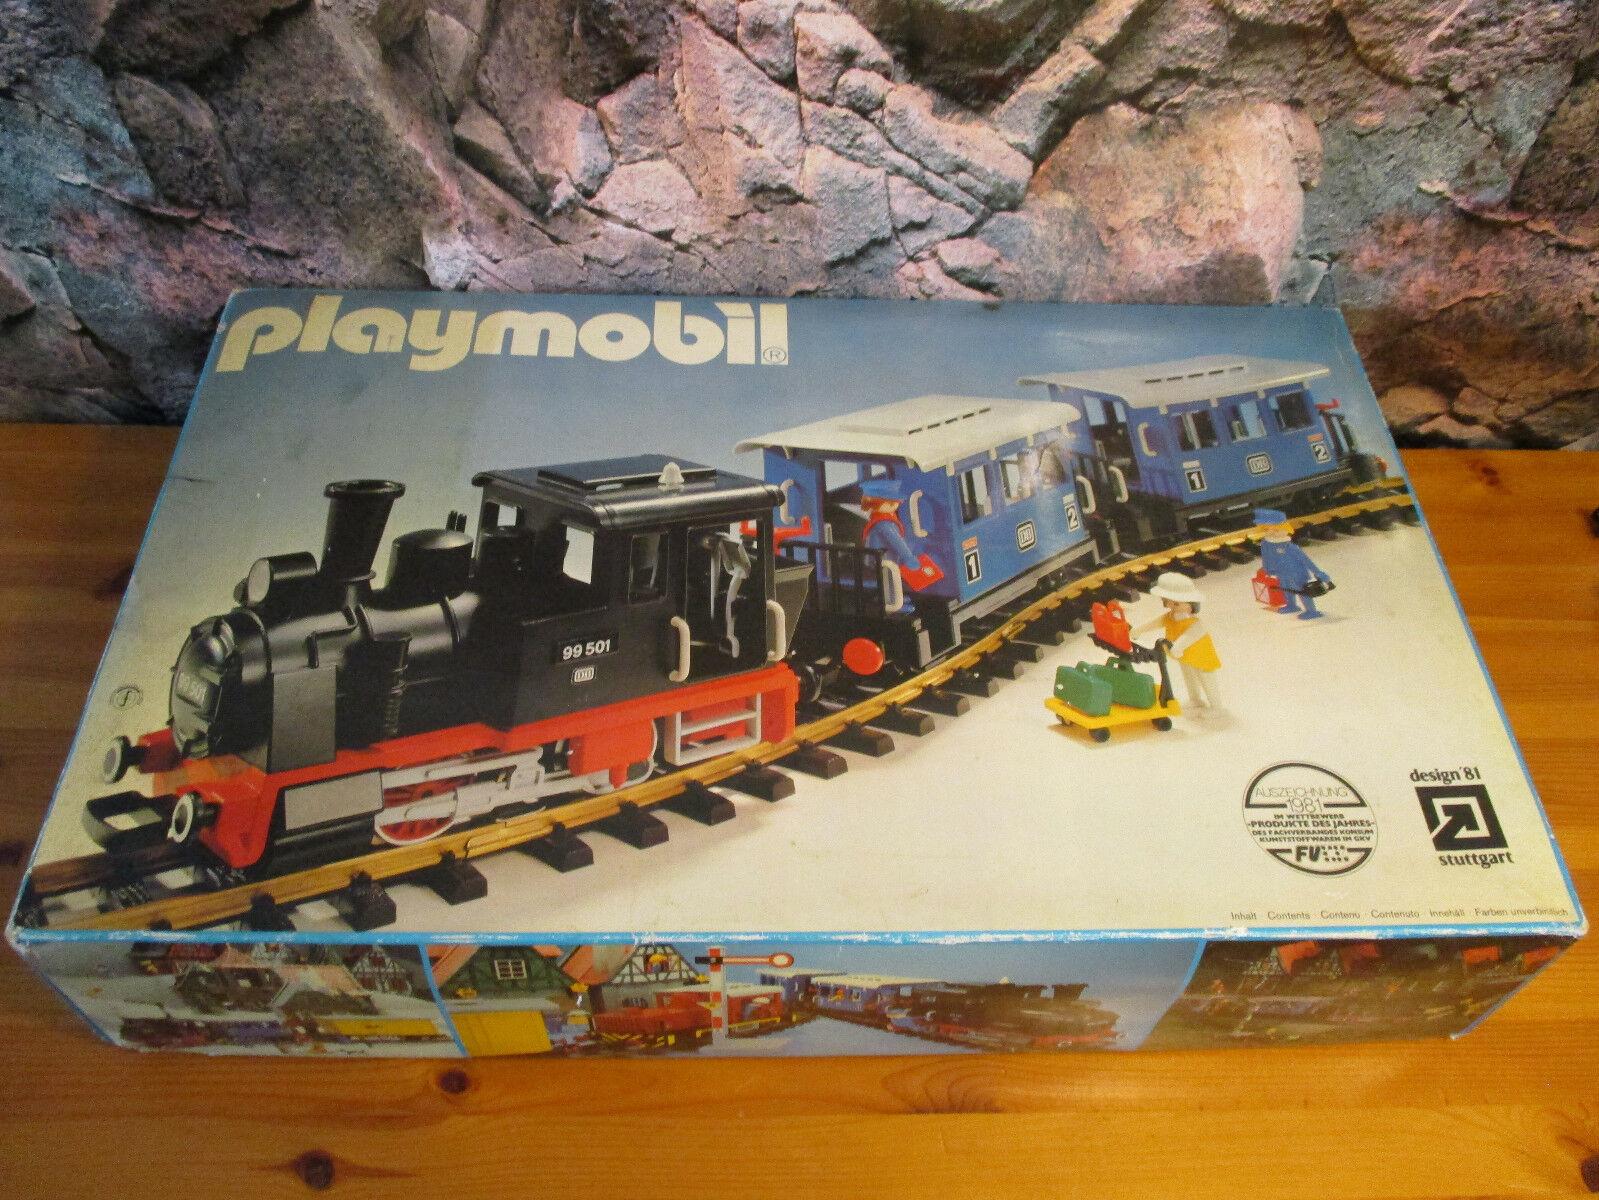 (GO) 4000 Personenzug 2 x Personenwagen + Dampflok + 12 Gleise Eisenbahn LGB OVP